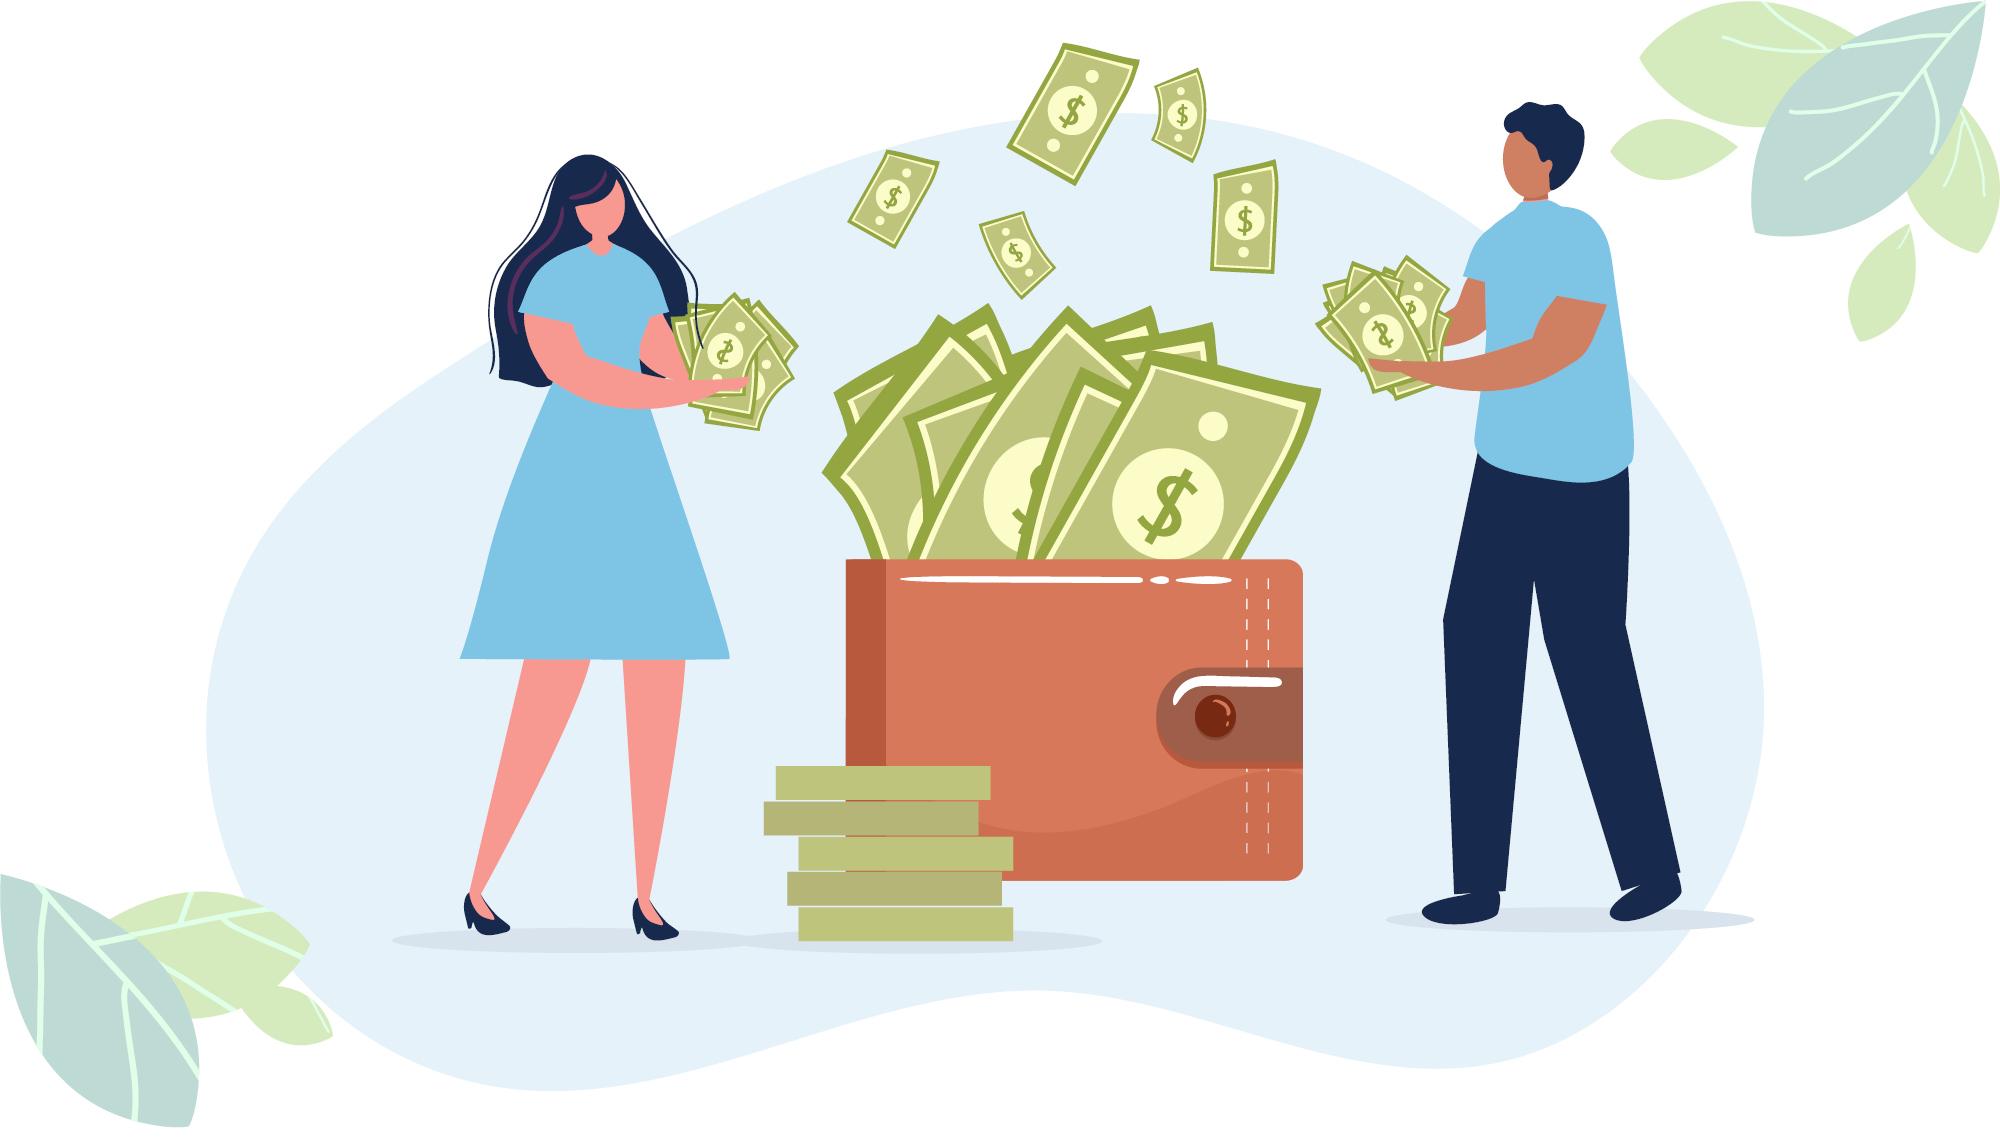 Dėl greitojo kredito suteikimo dažniausiai kreipiamasi netikėtai pritrūkus pinigų